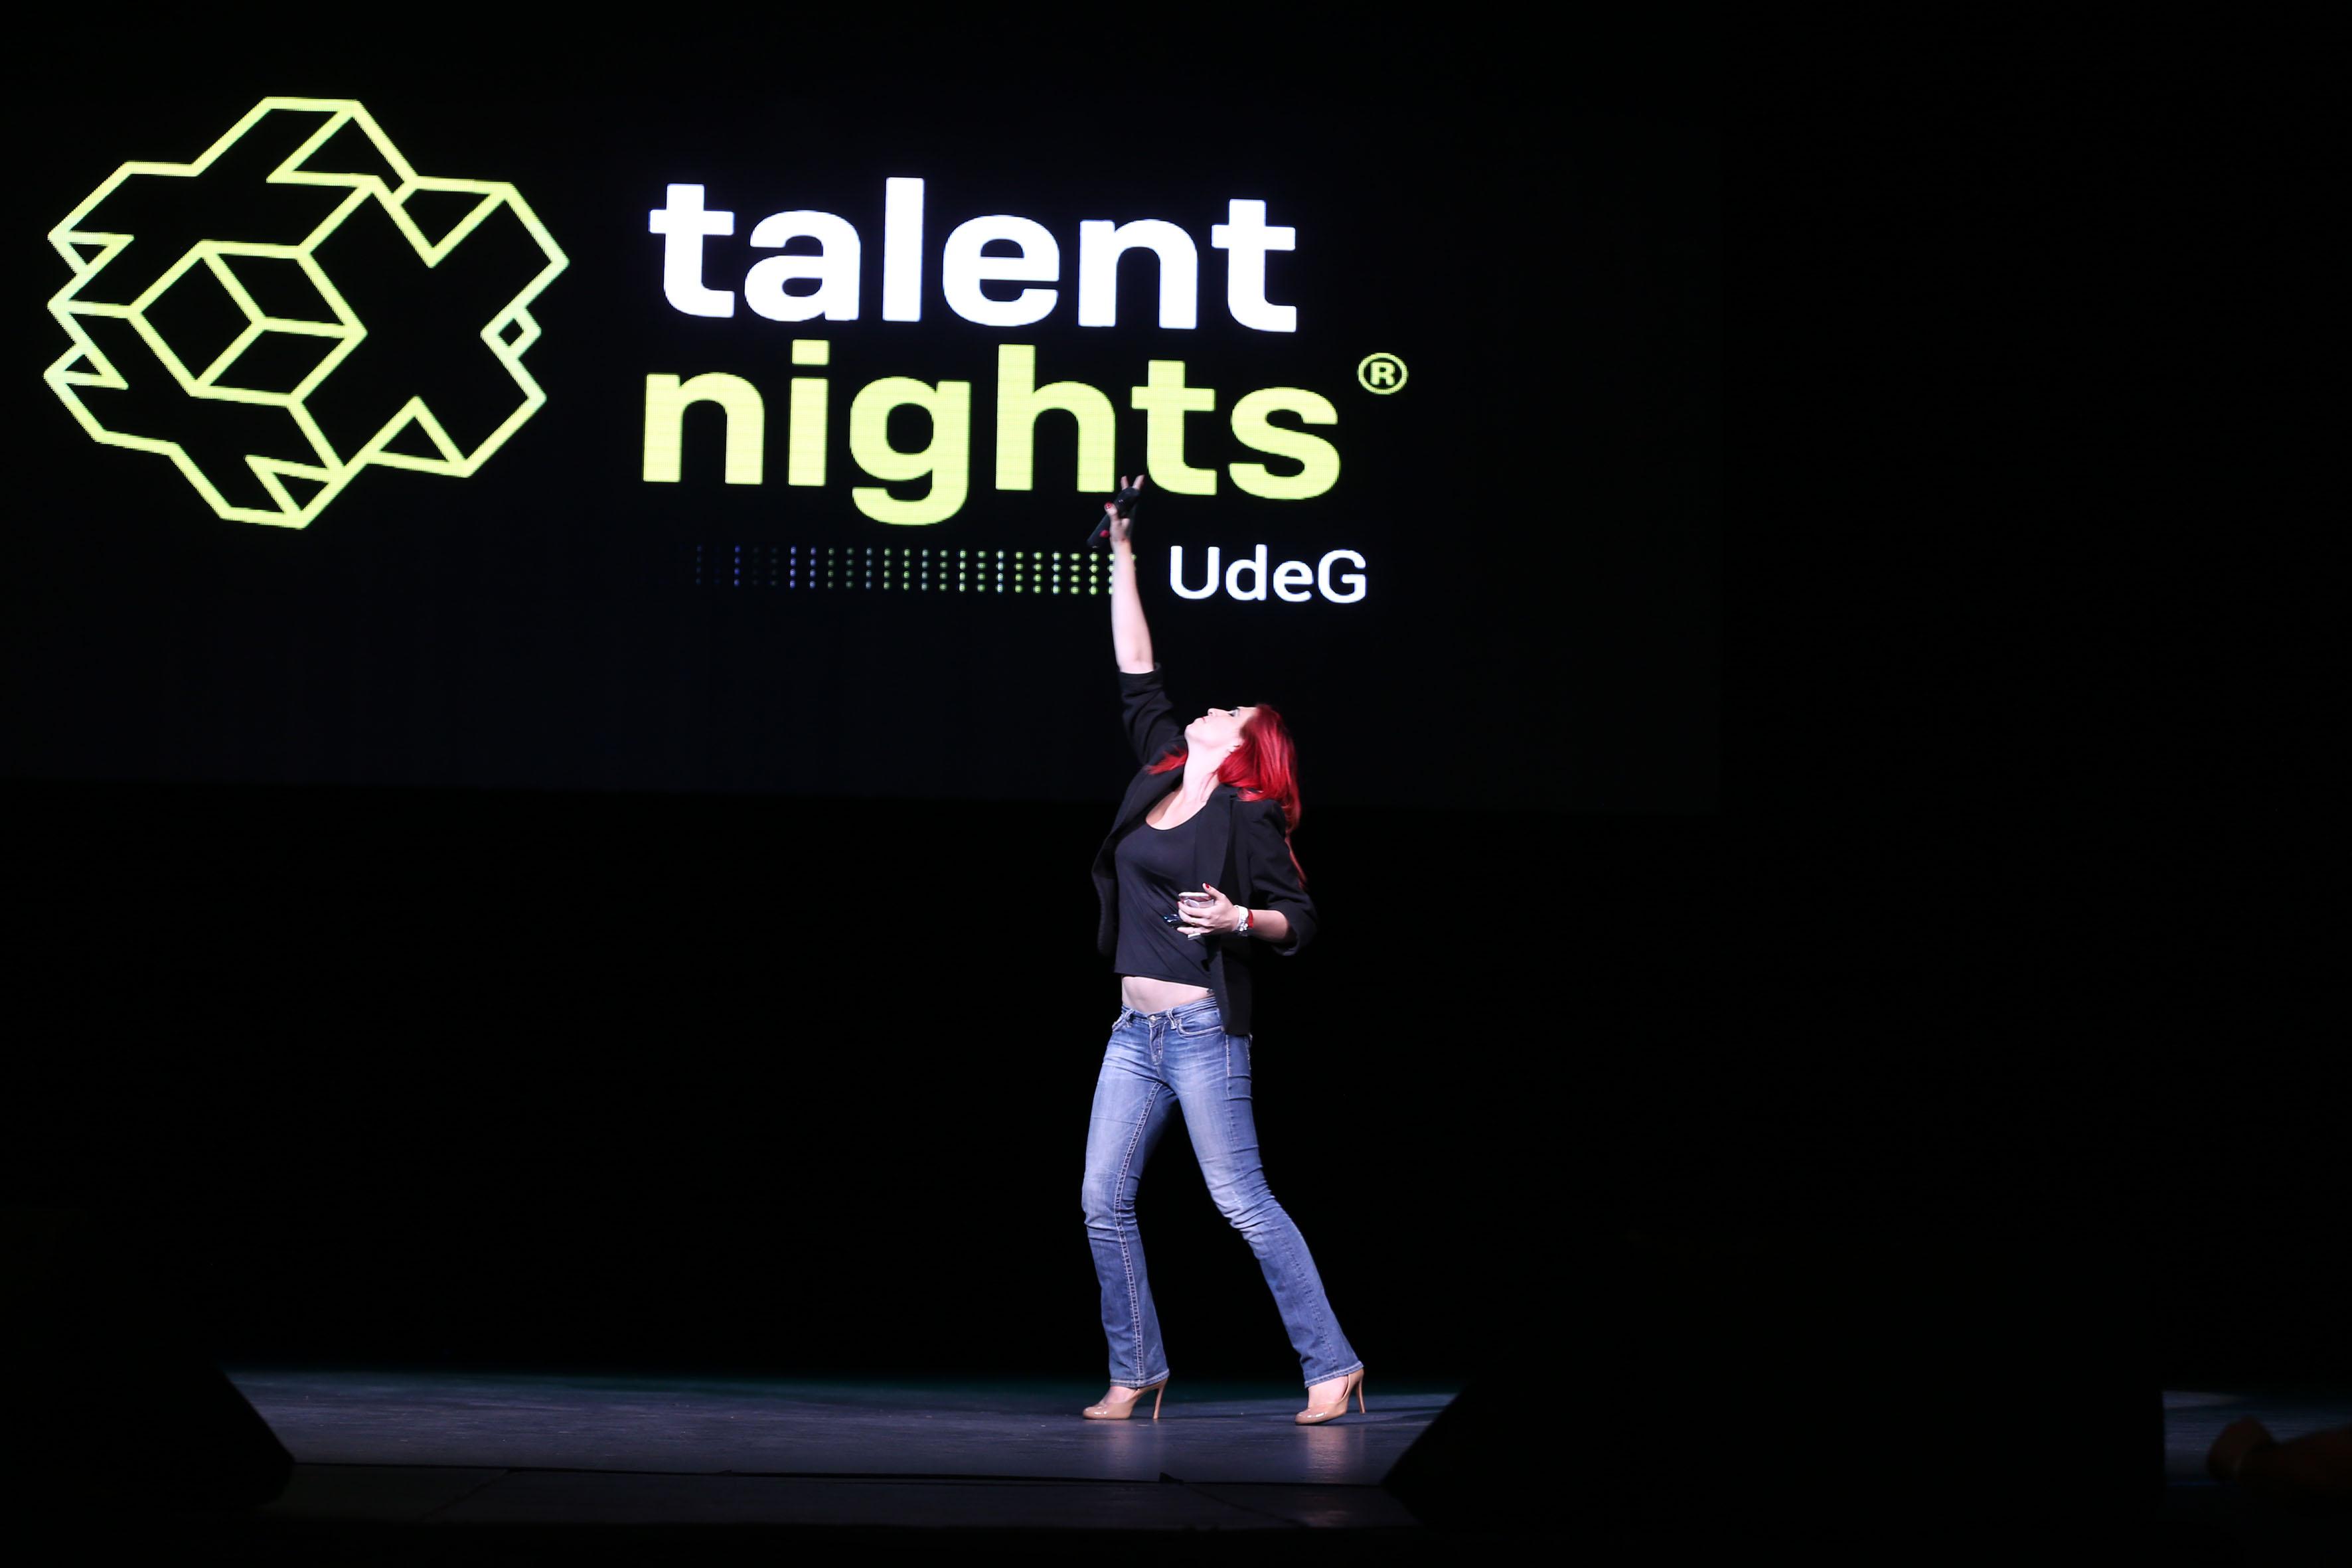 Ophelia Pastrana la mujer número 69 con más influencia en Twitter en tecnología, arriba del escenario del Teatro Diana, haciendo uso de la palabra.